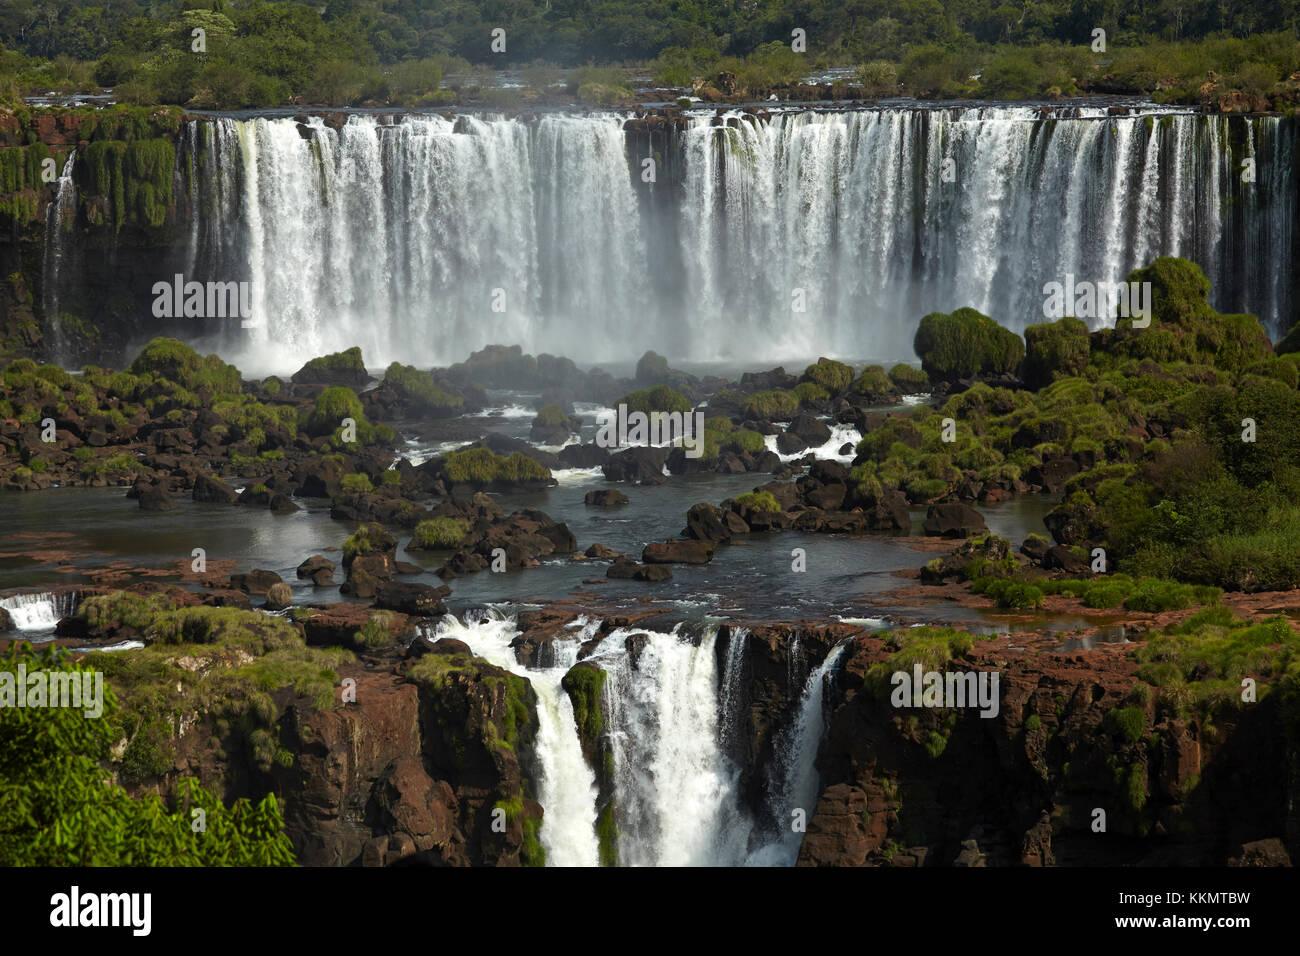 Salto rivadavia e salto tres musqueteros, Iguazu falls, argentina, visto dal lato del Brasile, Sud America Immagini Stock